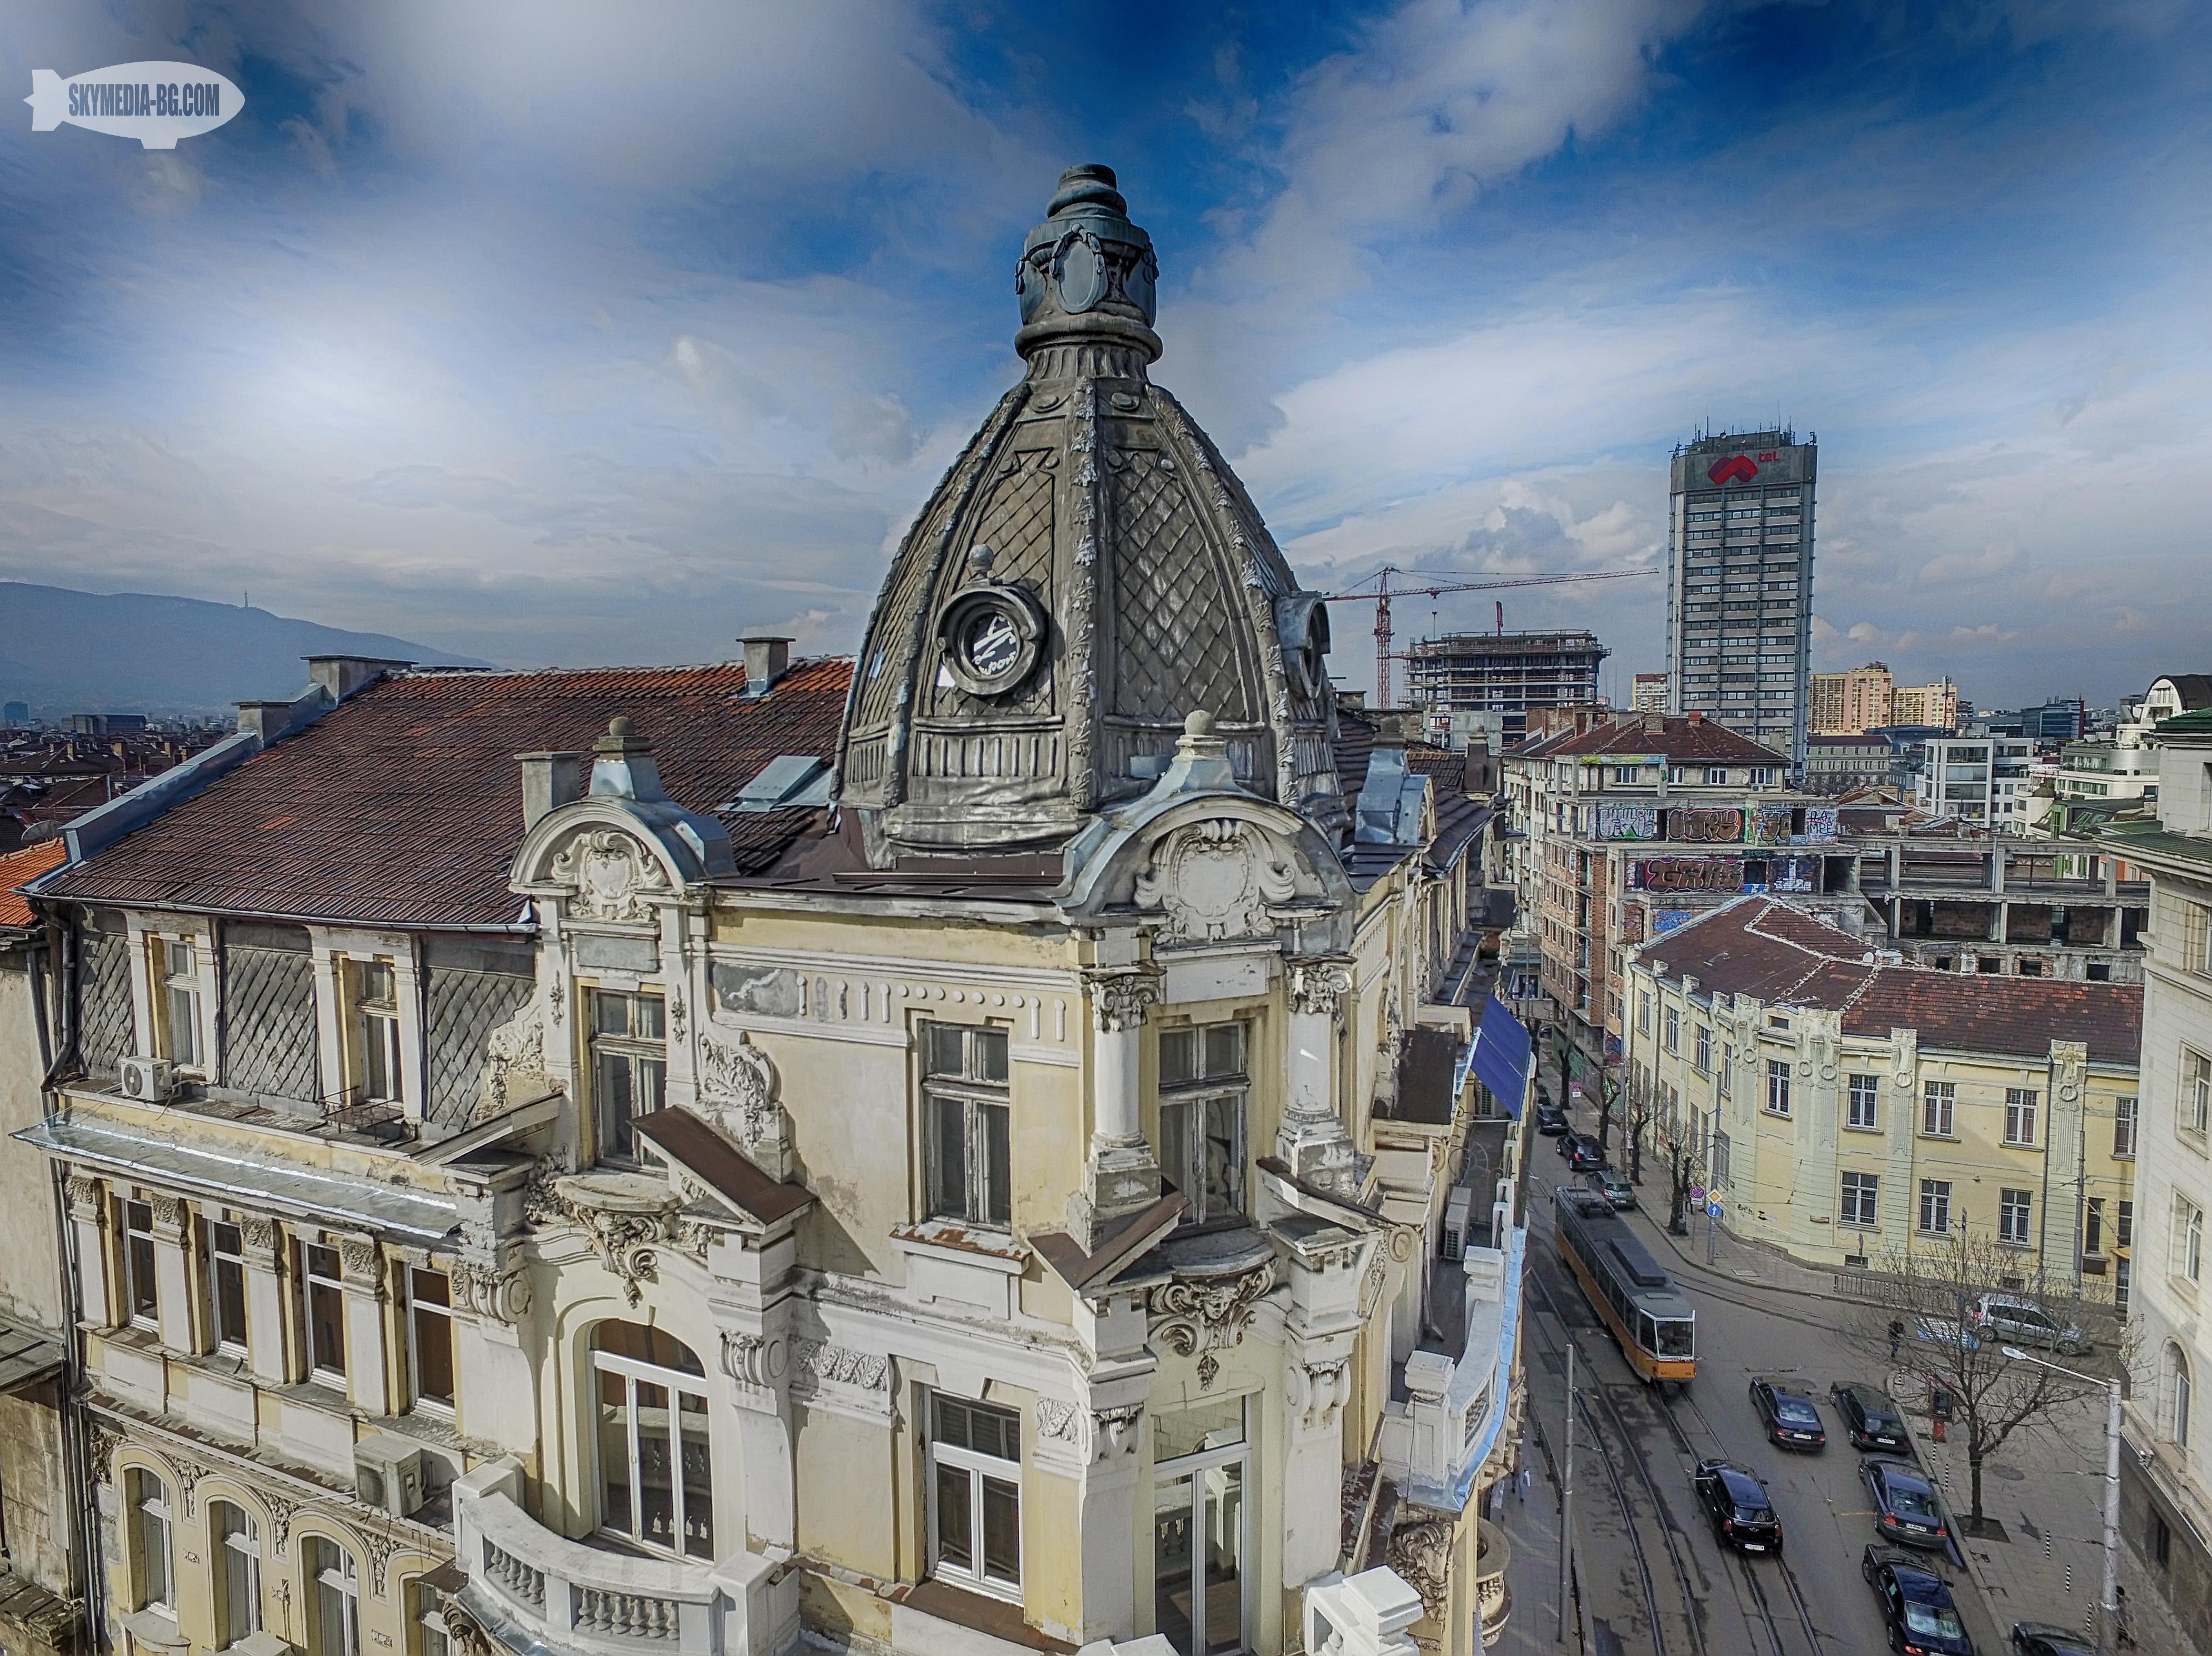 """уполът на сградата на ъгъла на ул. """"Алабин"""" и ул. """"Цар Асен""""- """"Себат Фархи"""". Богато декорирана барокова сграда с магазини в партера, която за съжаление все още не е реставрирана."""